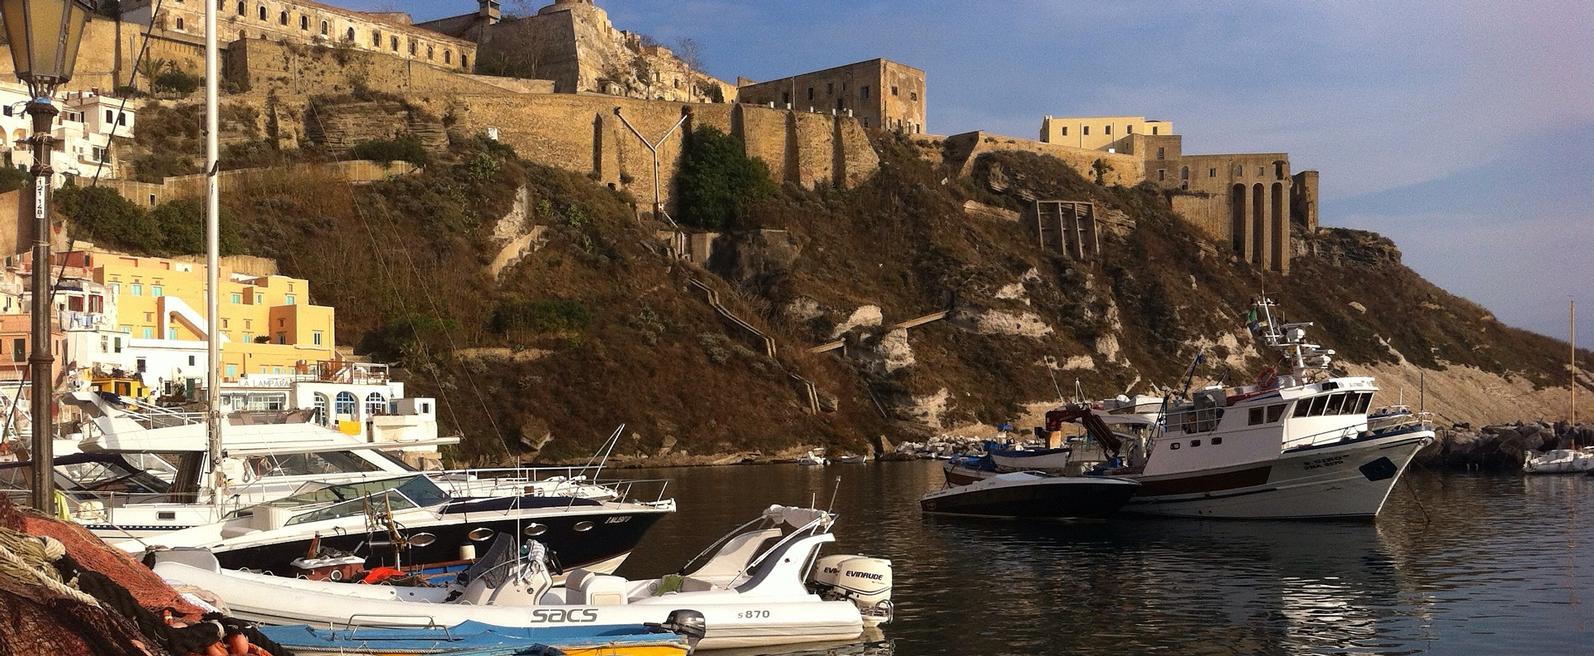 Vakantie in Italië: Procida